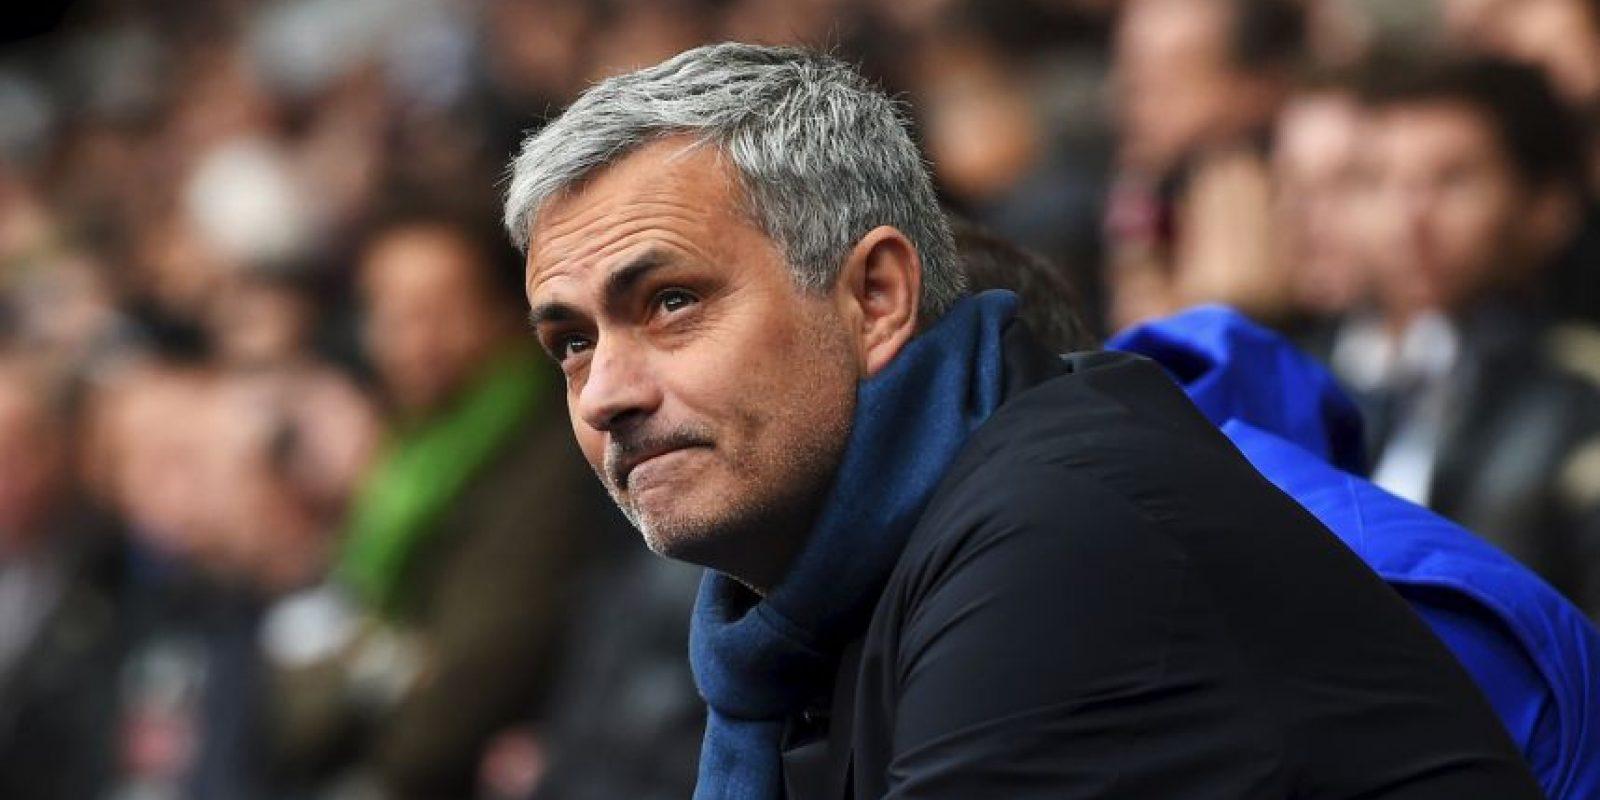 Salió de Chelsea en diciembre de 2015 y en Inglaterra aseguran que dirigirá al Manchester United a partir de julio. Foto:Getty Images